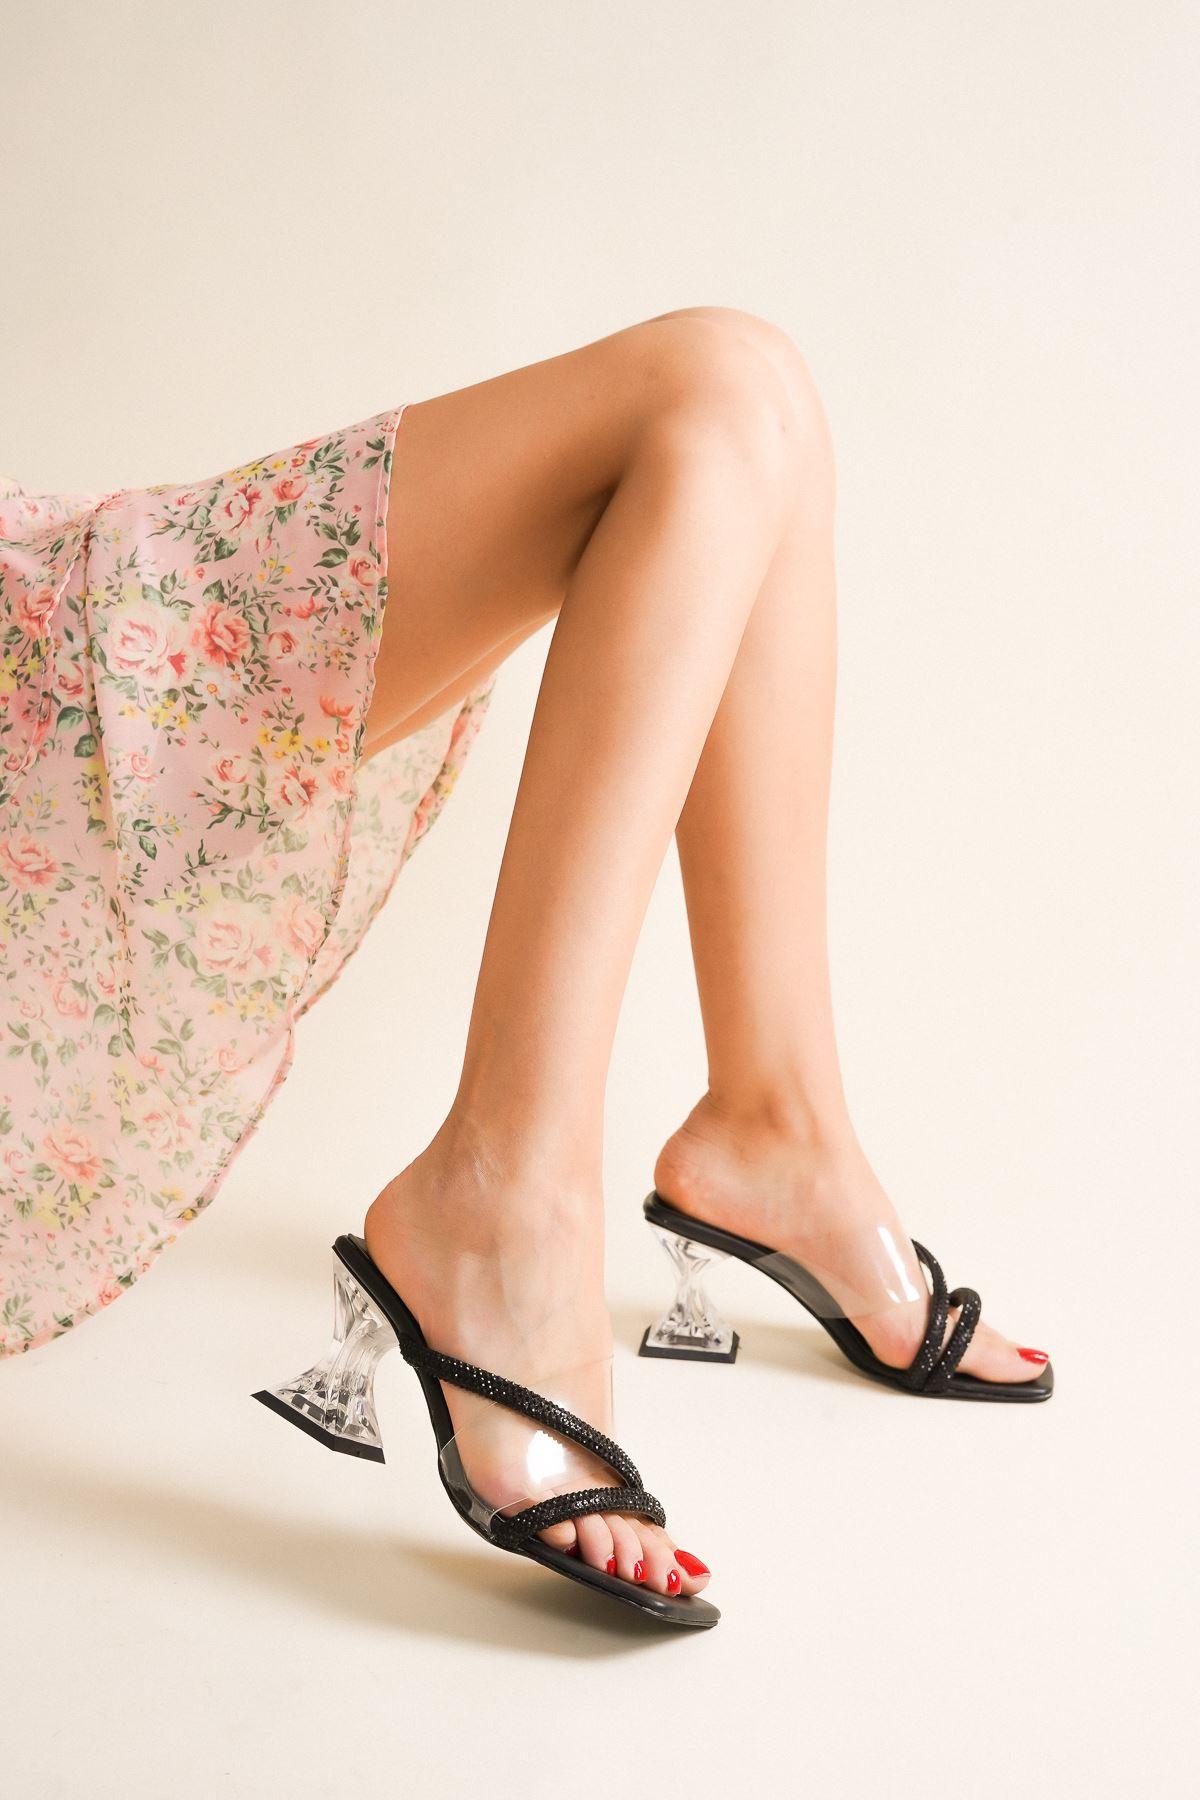 Tiya Siyah Cilt Şeffaf Kadın Topuklu Ayakkabı